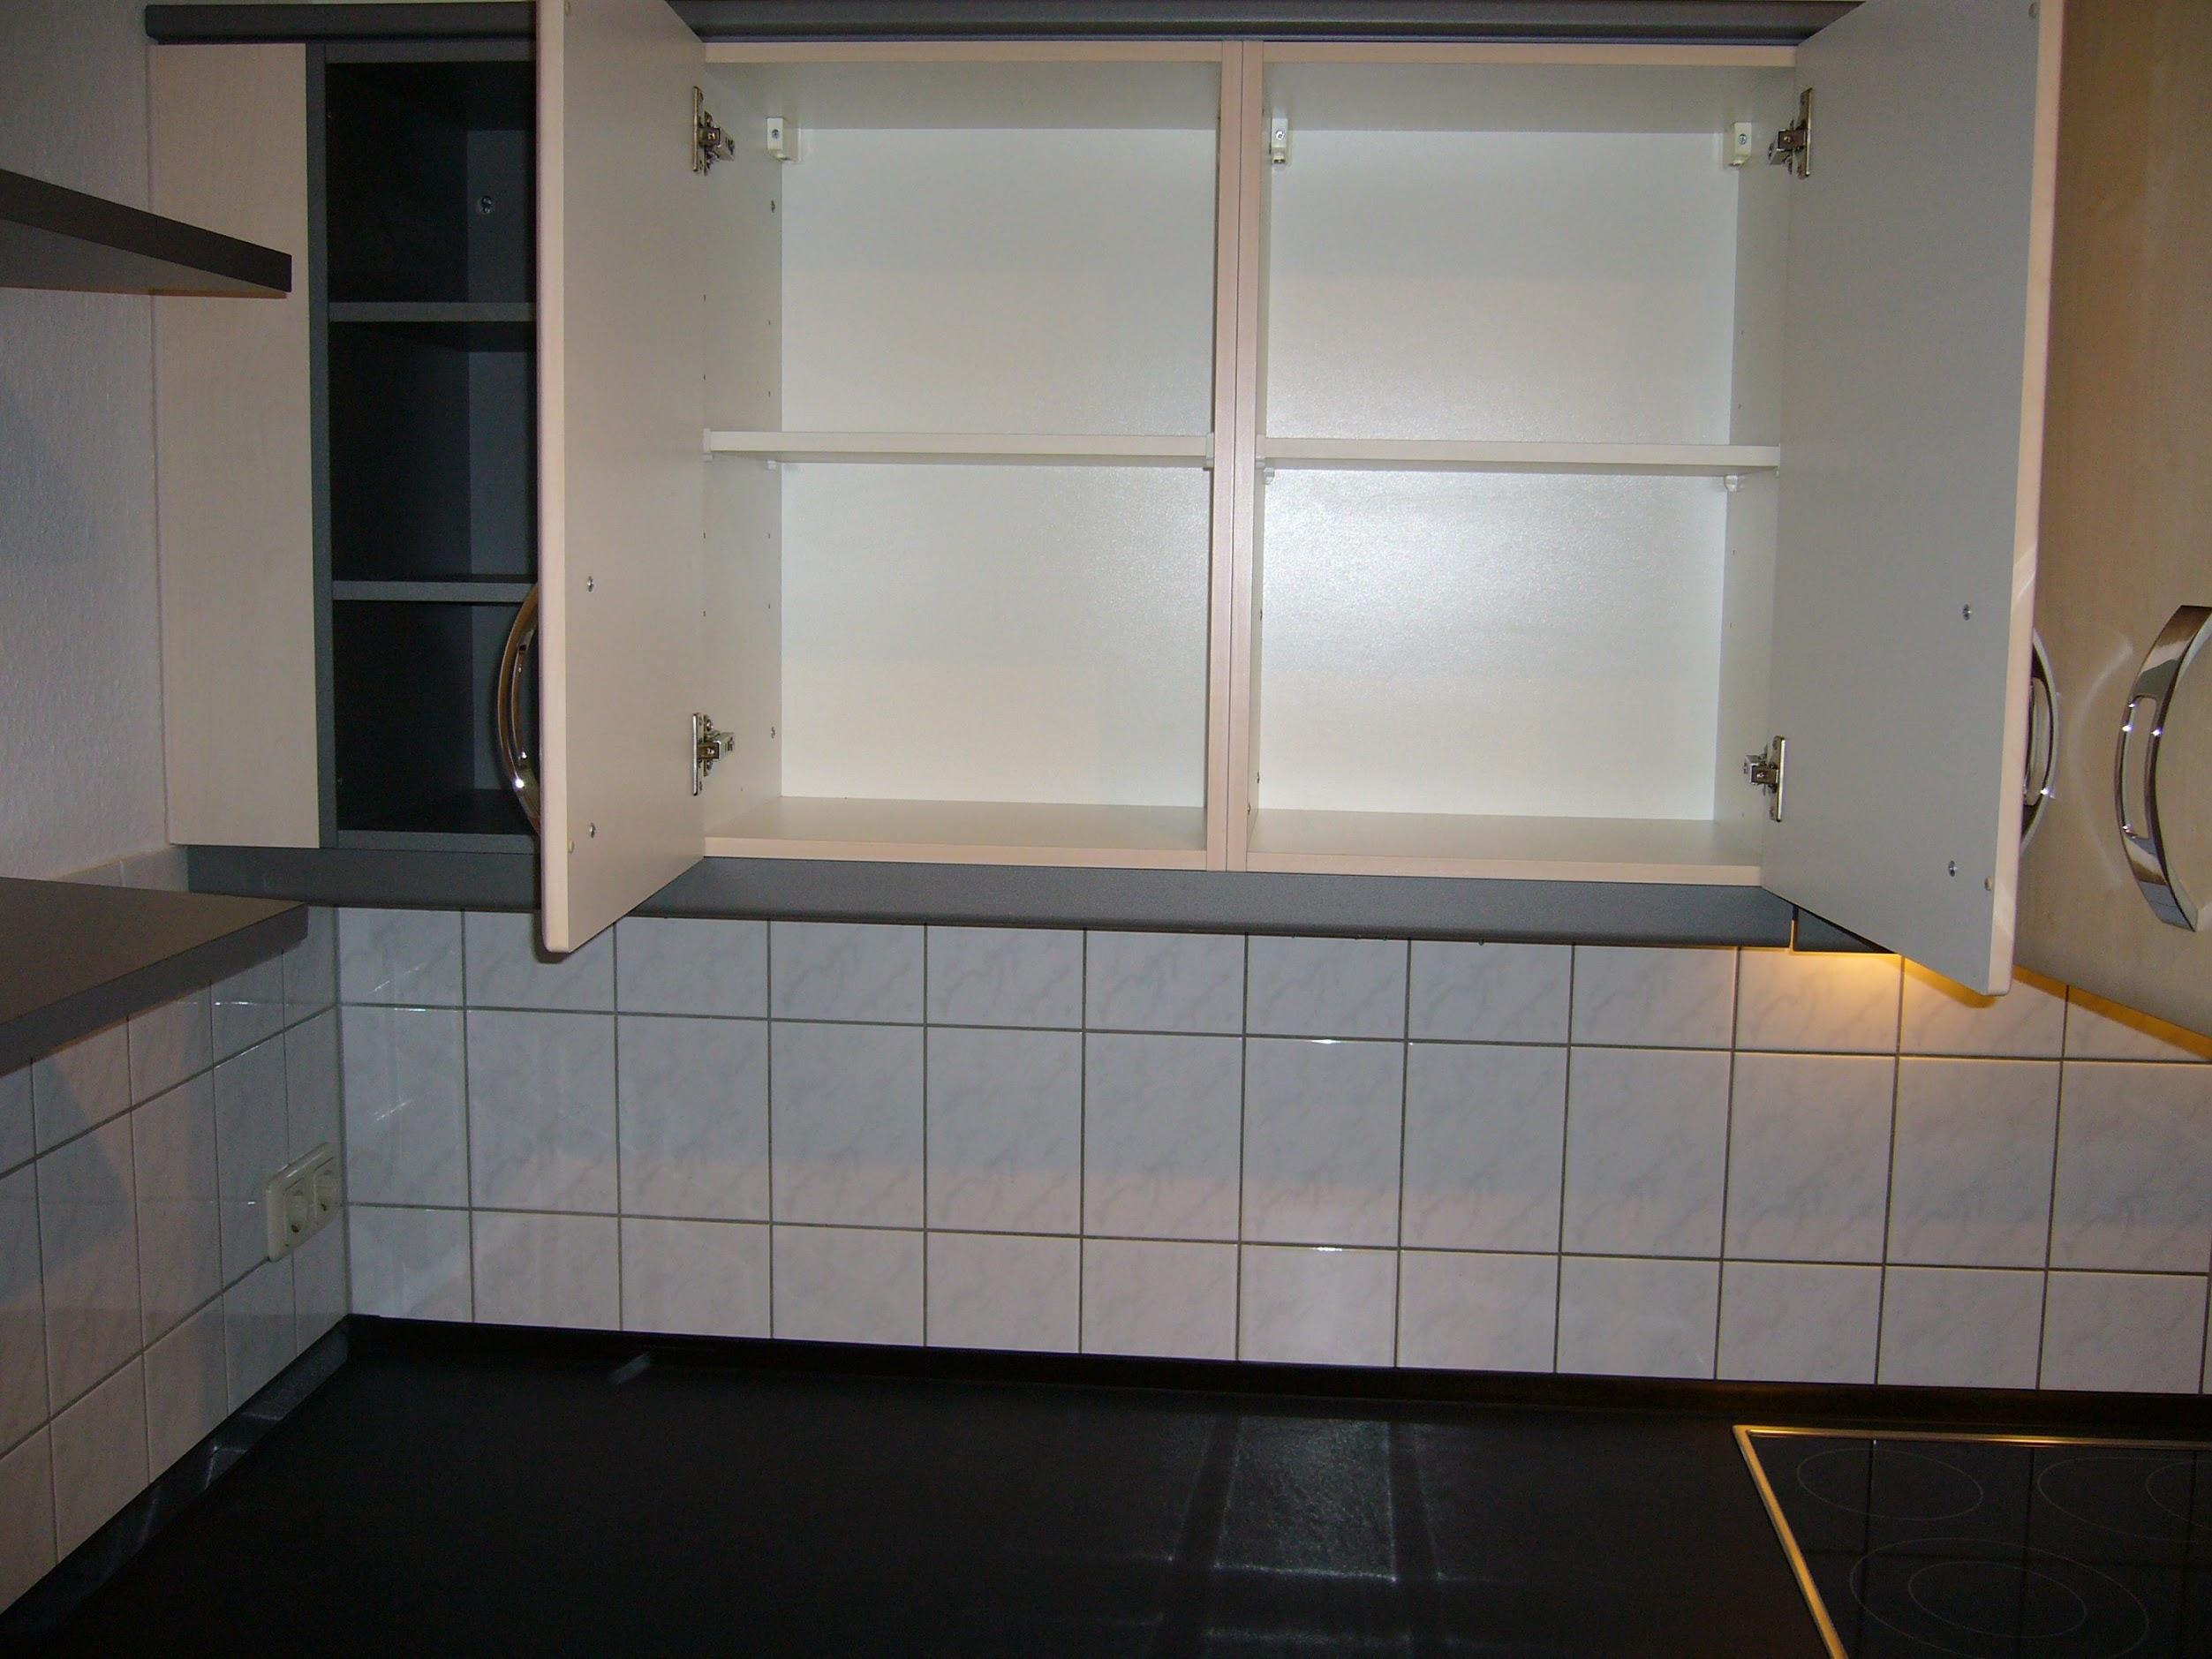 komplette k che von nobilia inkl elektro ger te ahorn. Black Bedroom Furniture Sets. Home Design Ideas